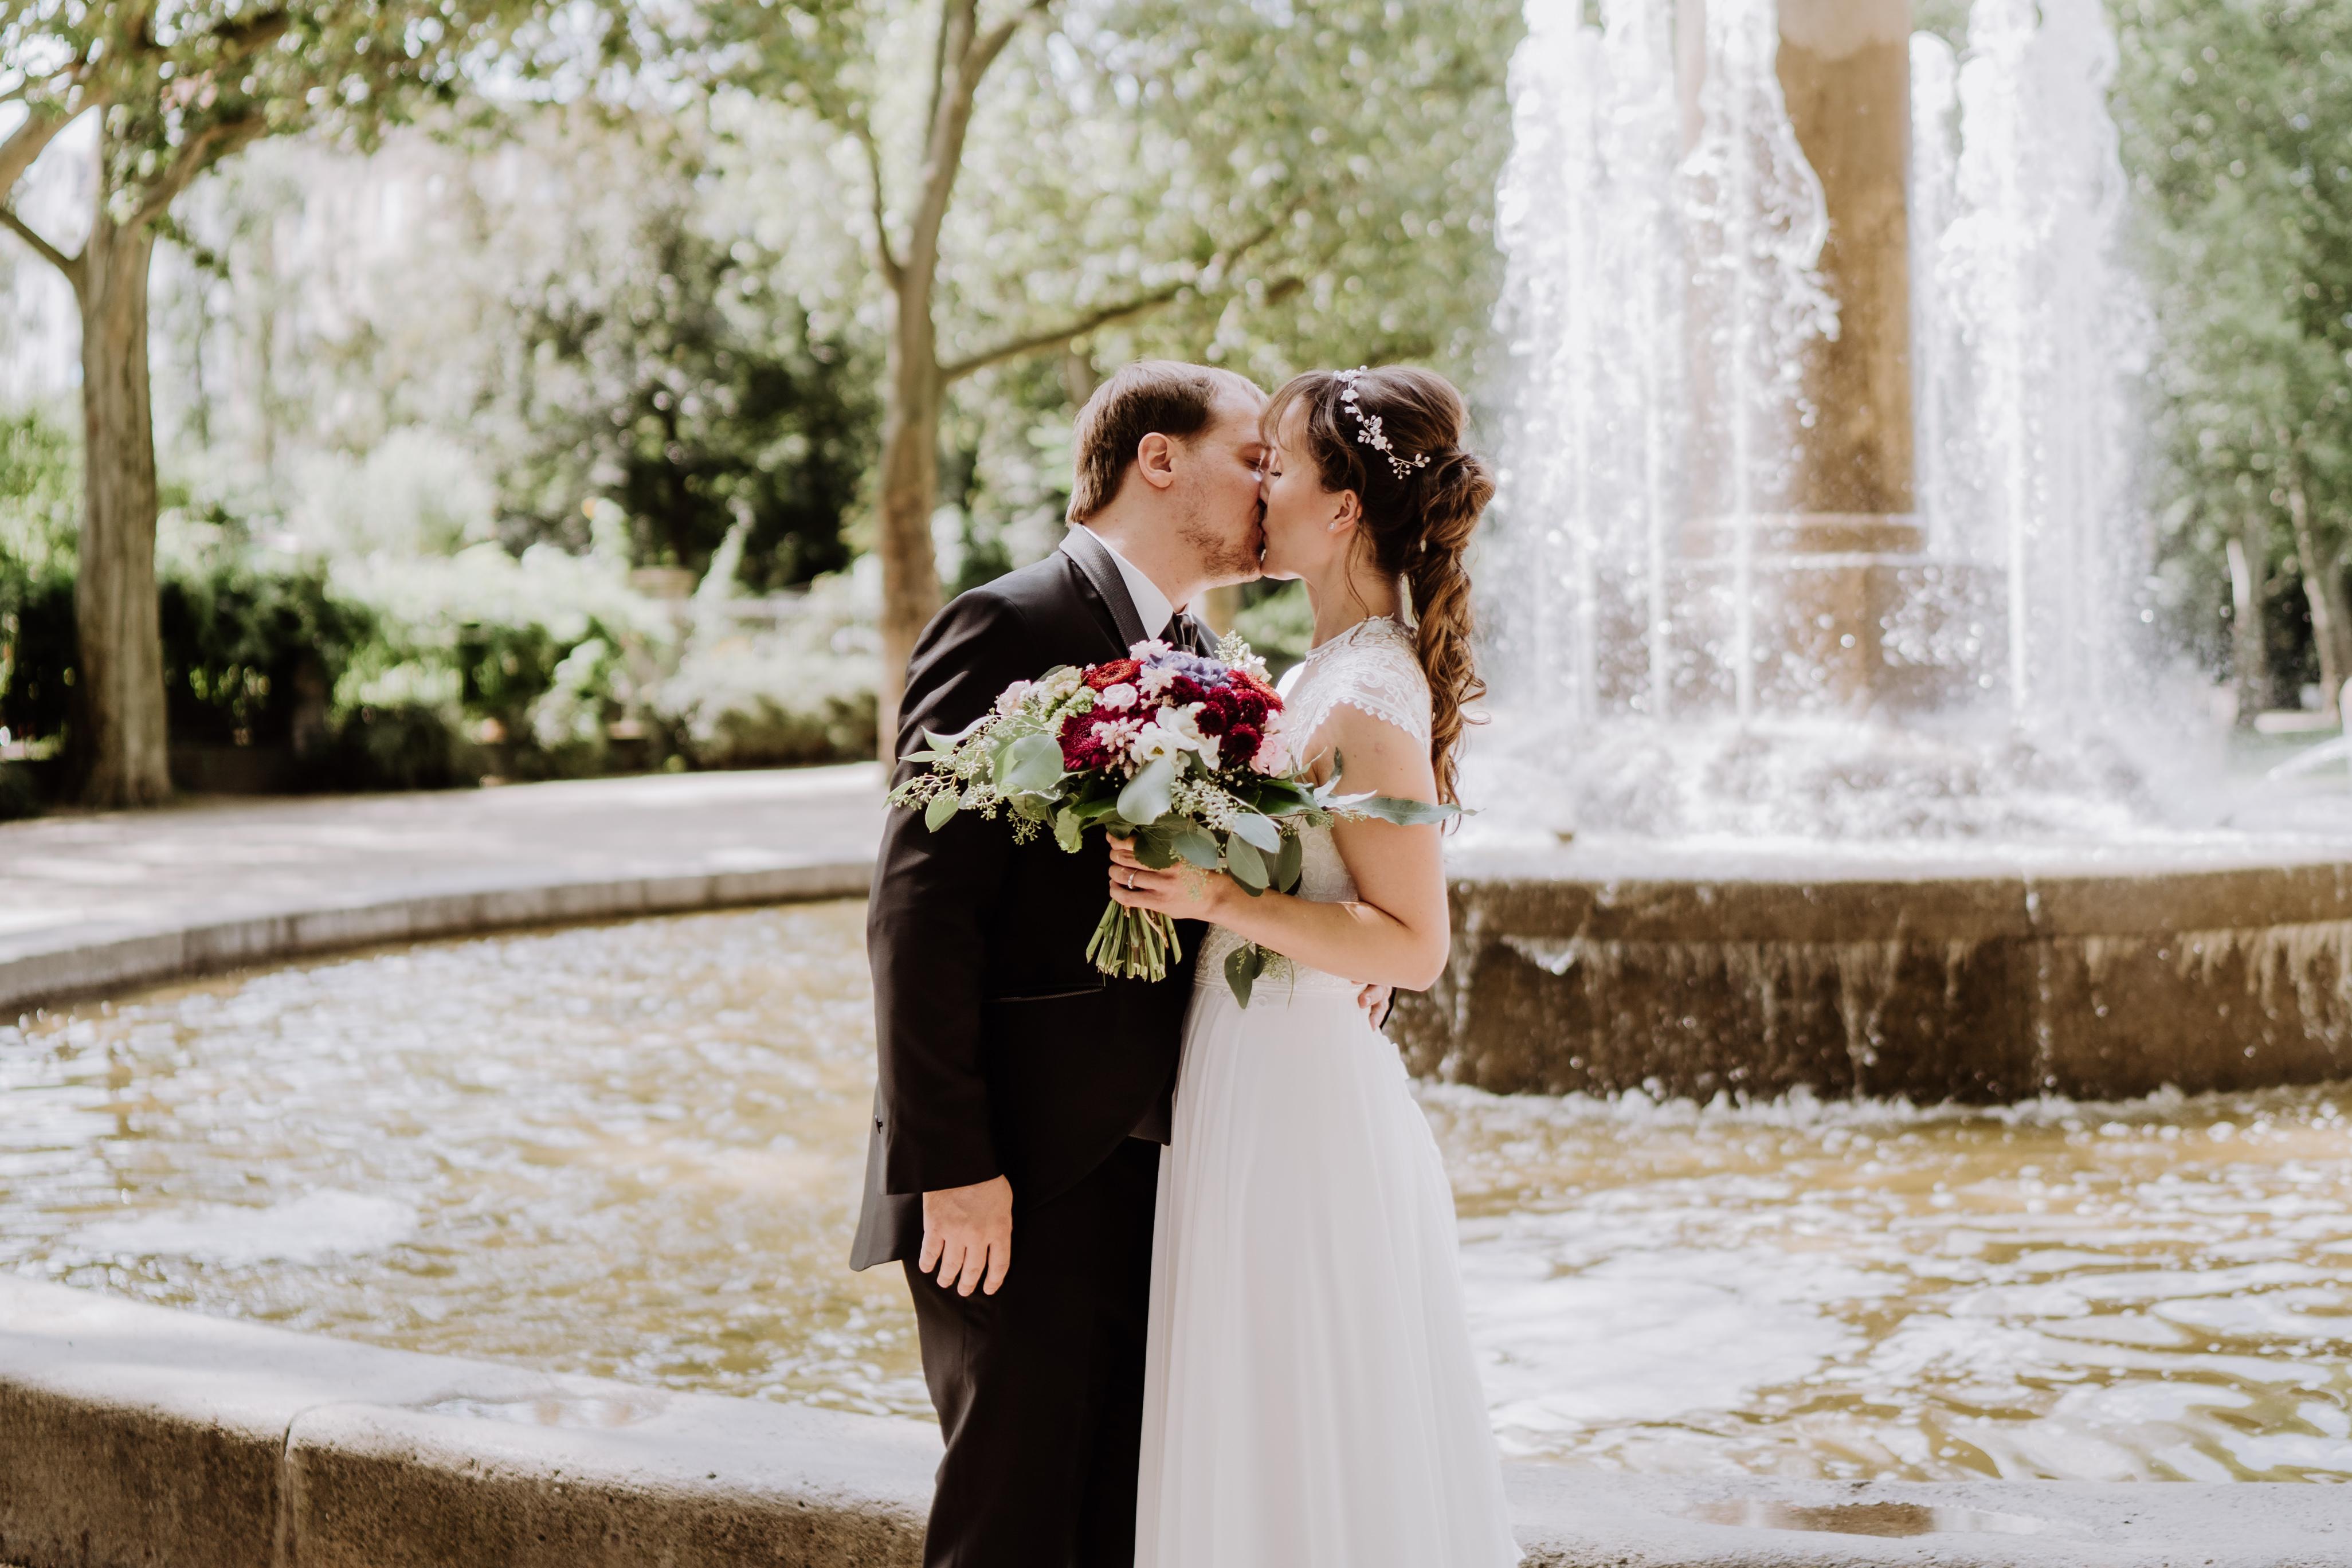 Romantische Hochzeit am Wasser in Berlin Köpenick